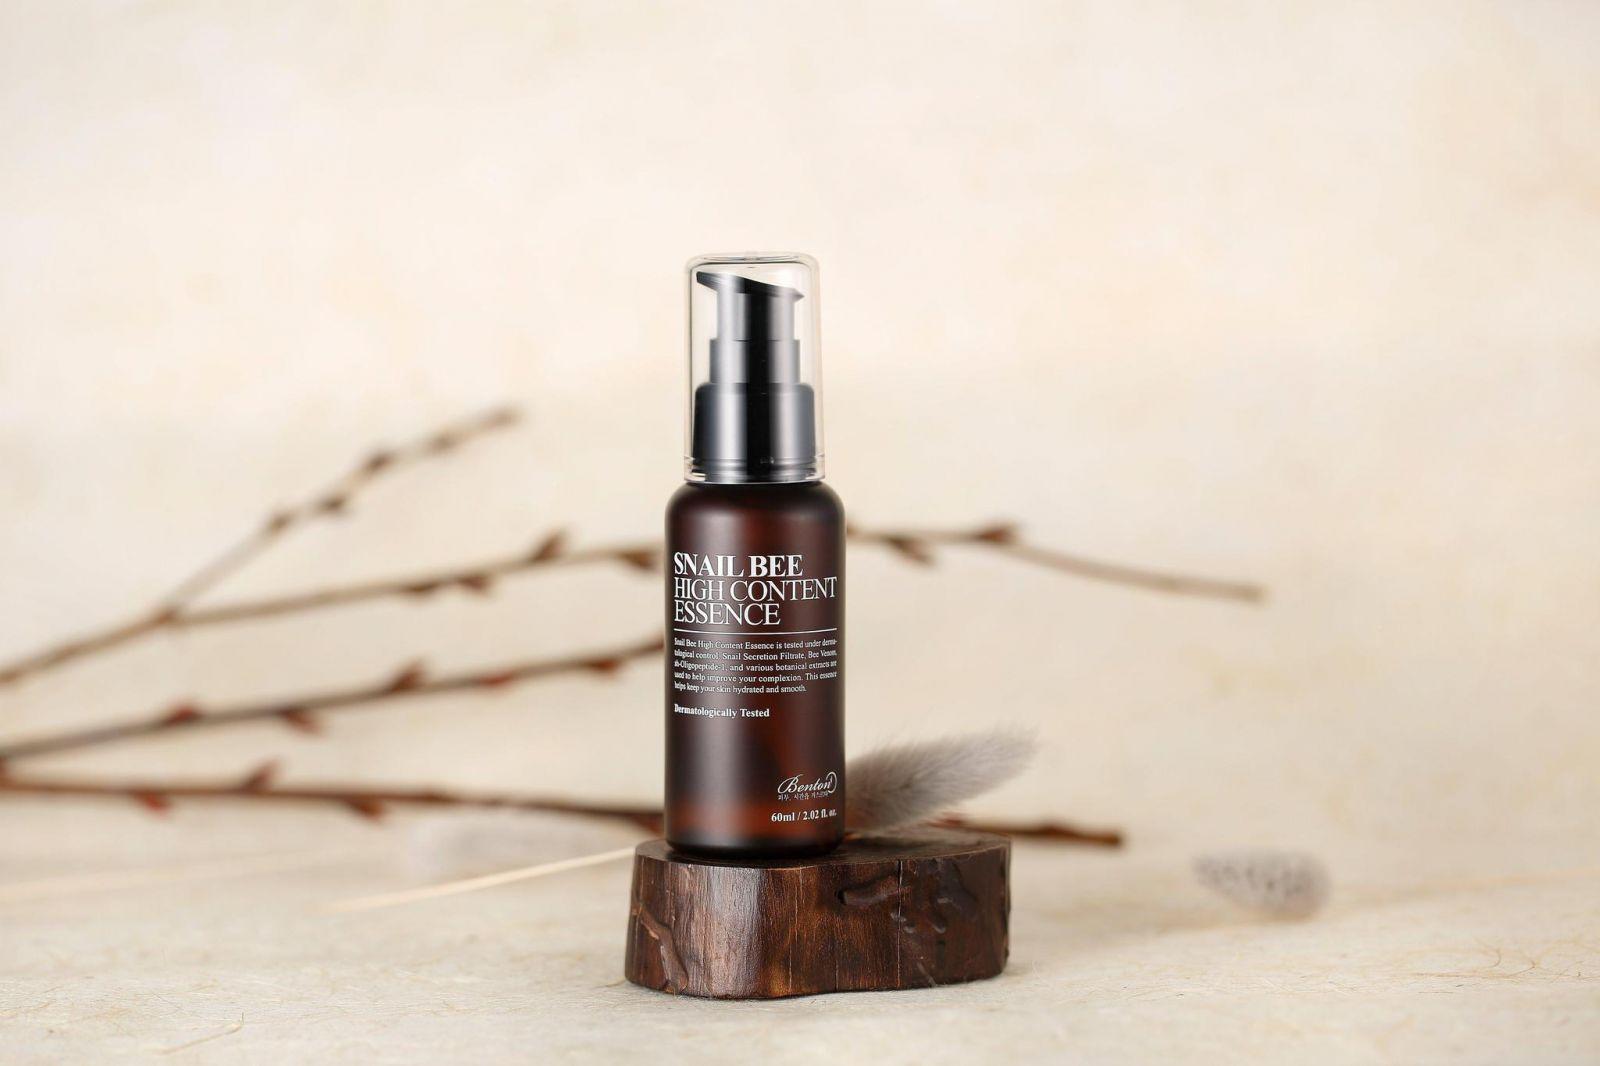 Kandungan Lendir Siput pada Essence Benton Bikin Kulit Kenyal. Foto: Skin Library